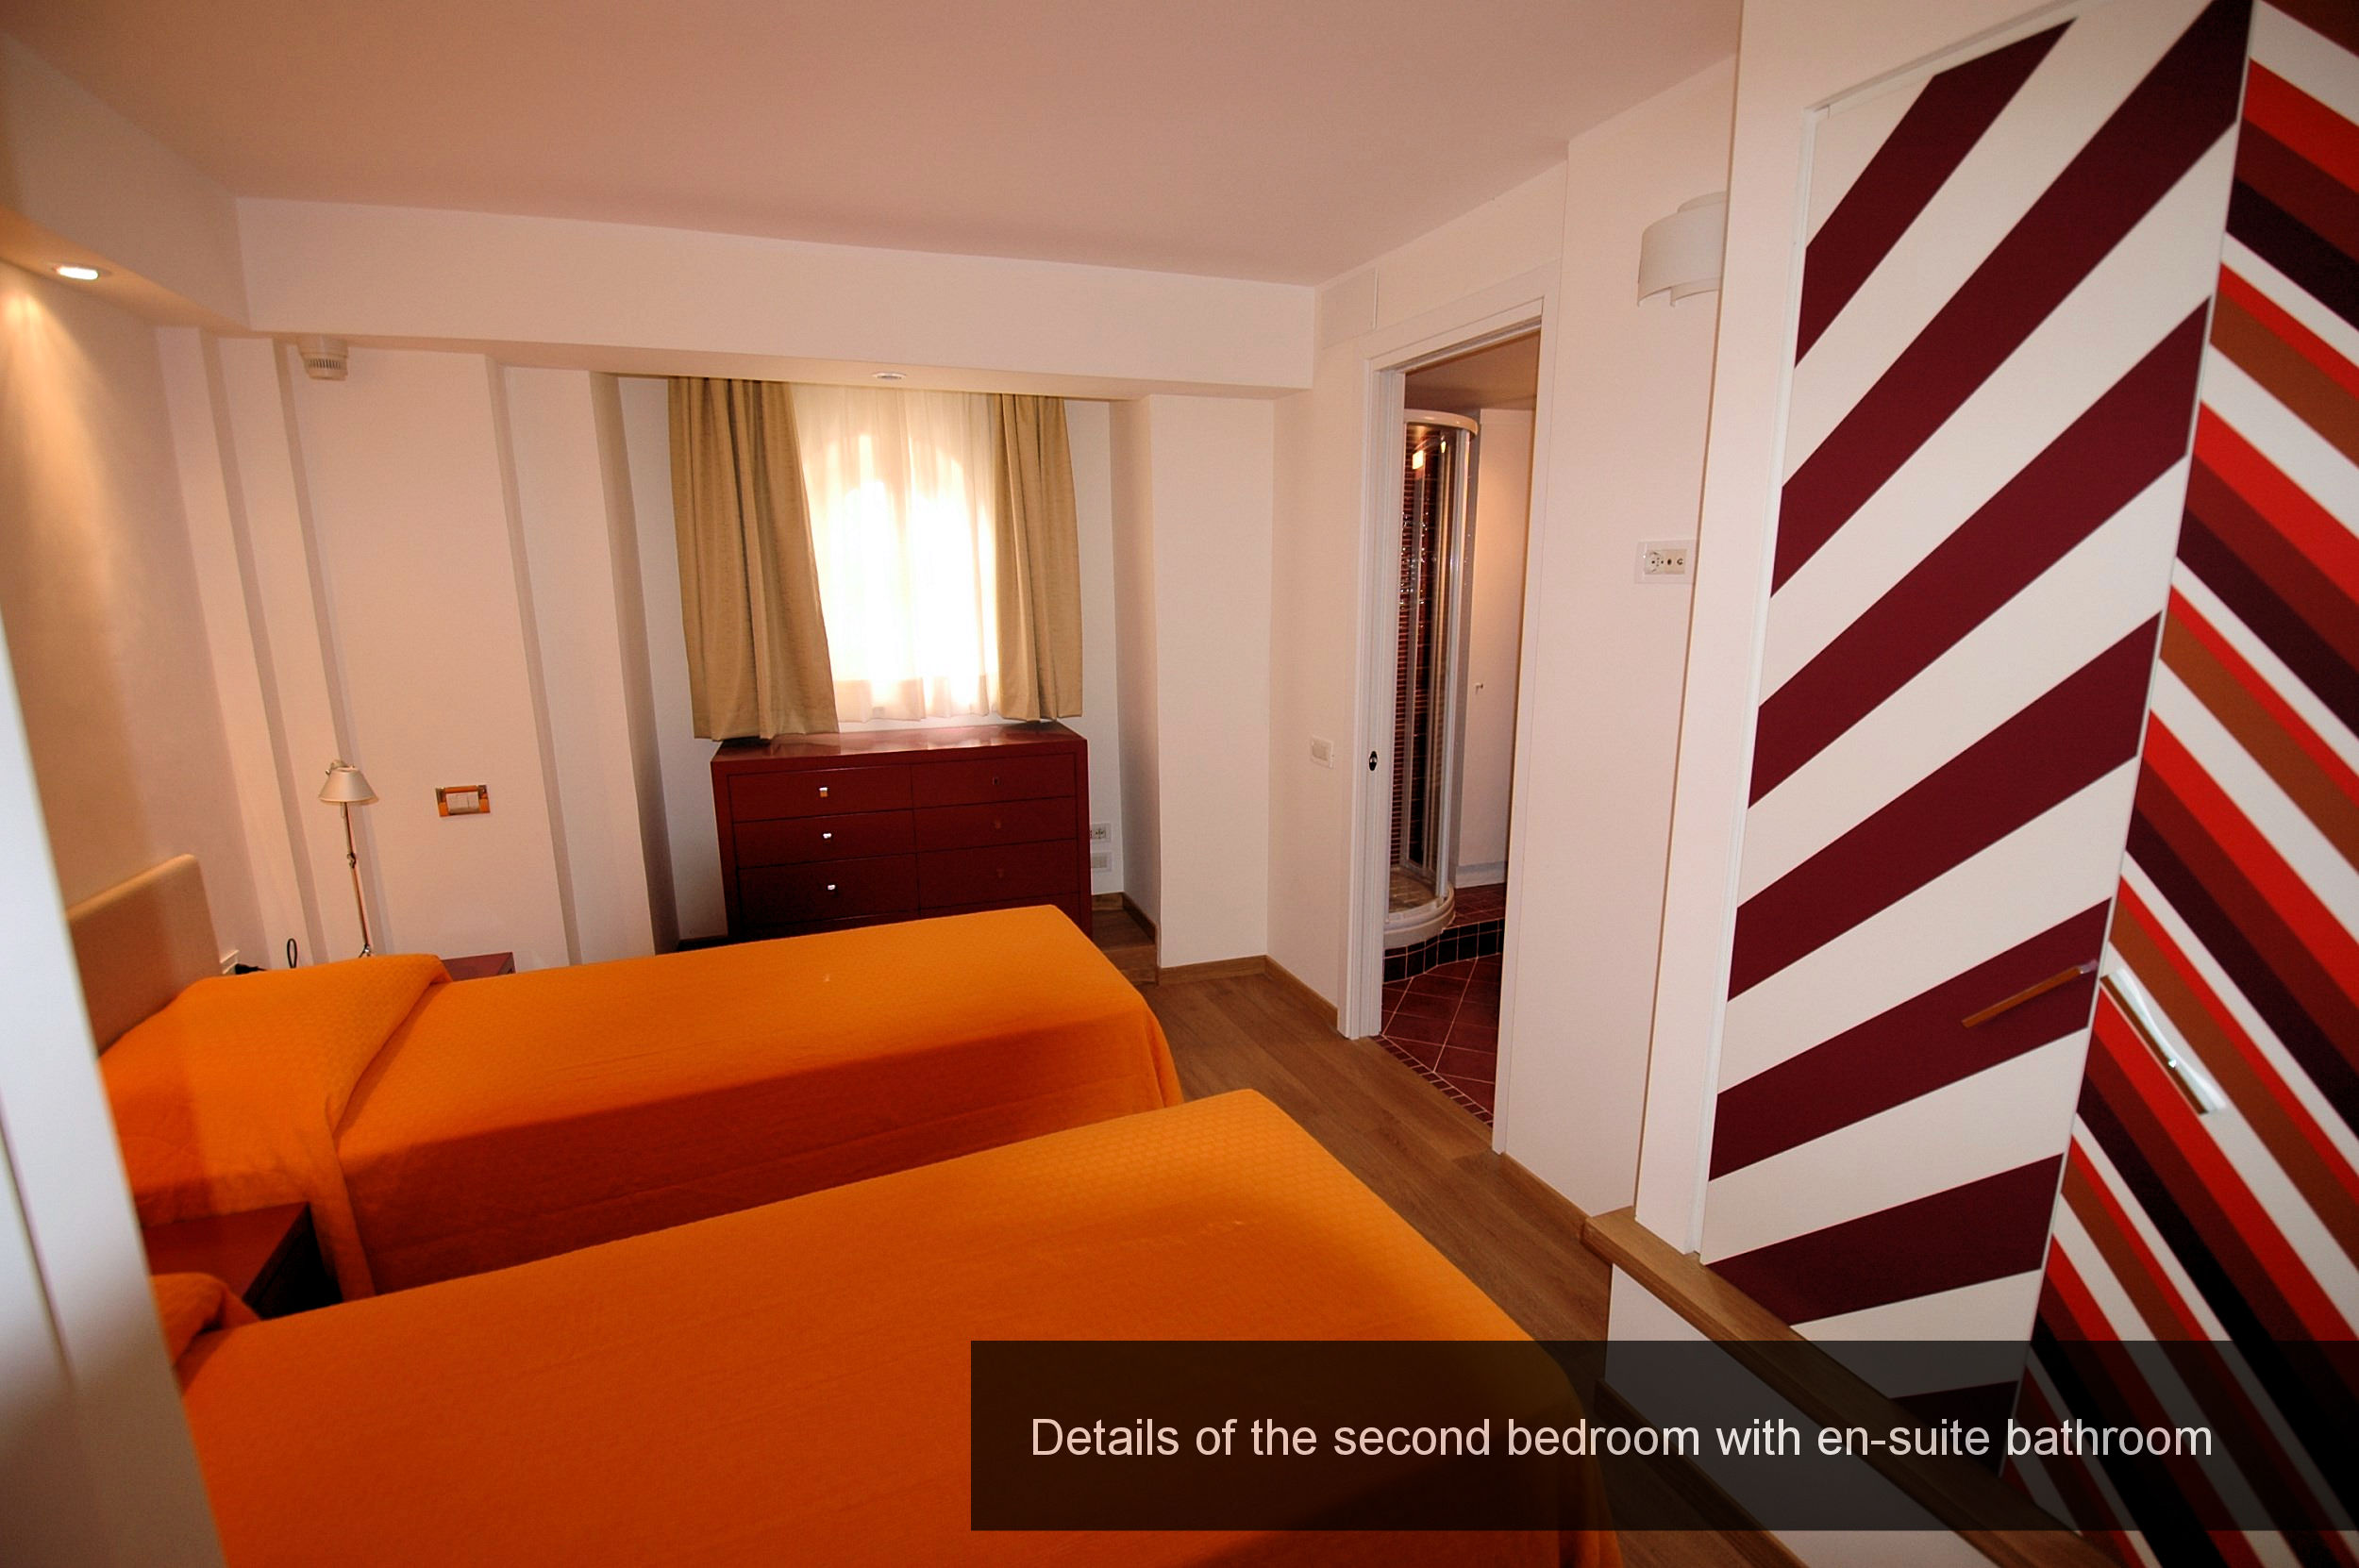 16) details second bedroom with en-suite bathroom